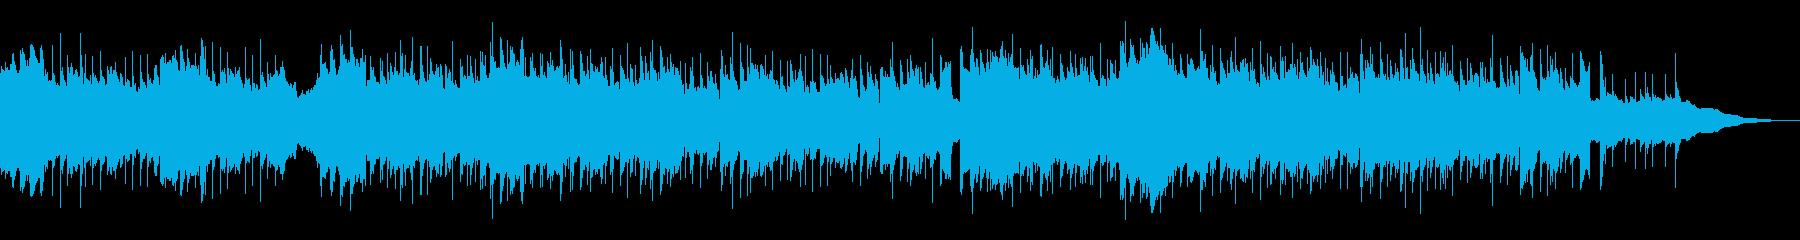 オープニング・応援・4つ打ち・青空の再生済みの波形